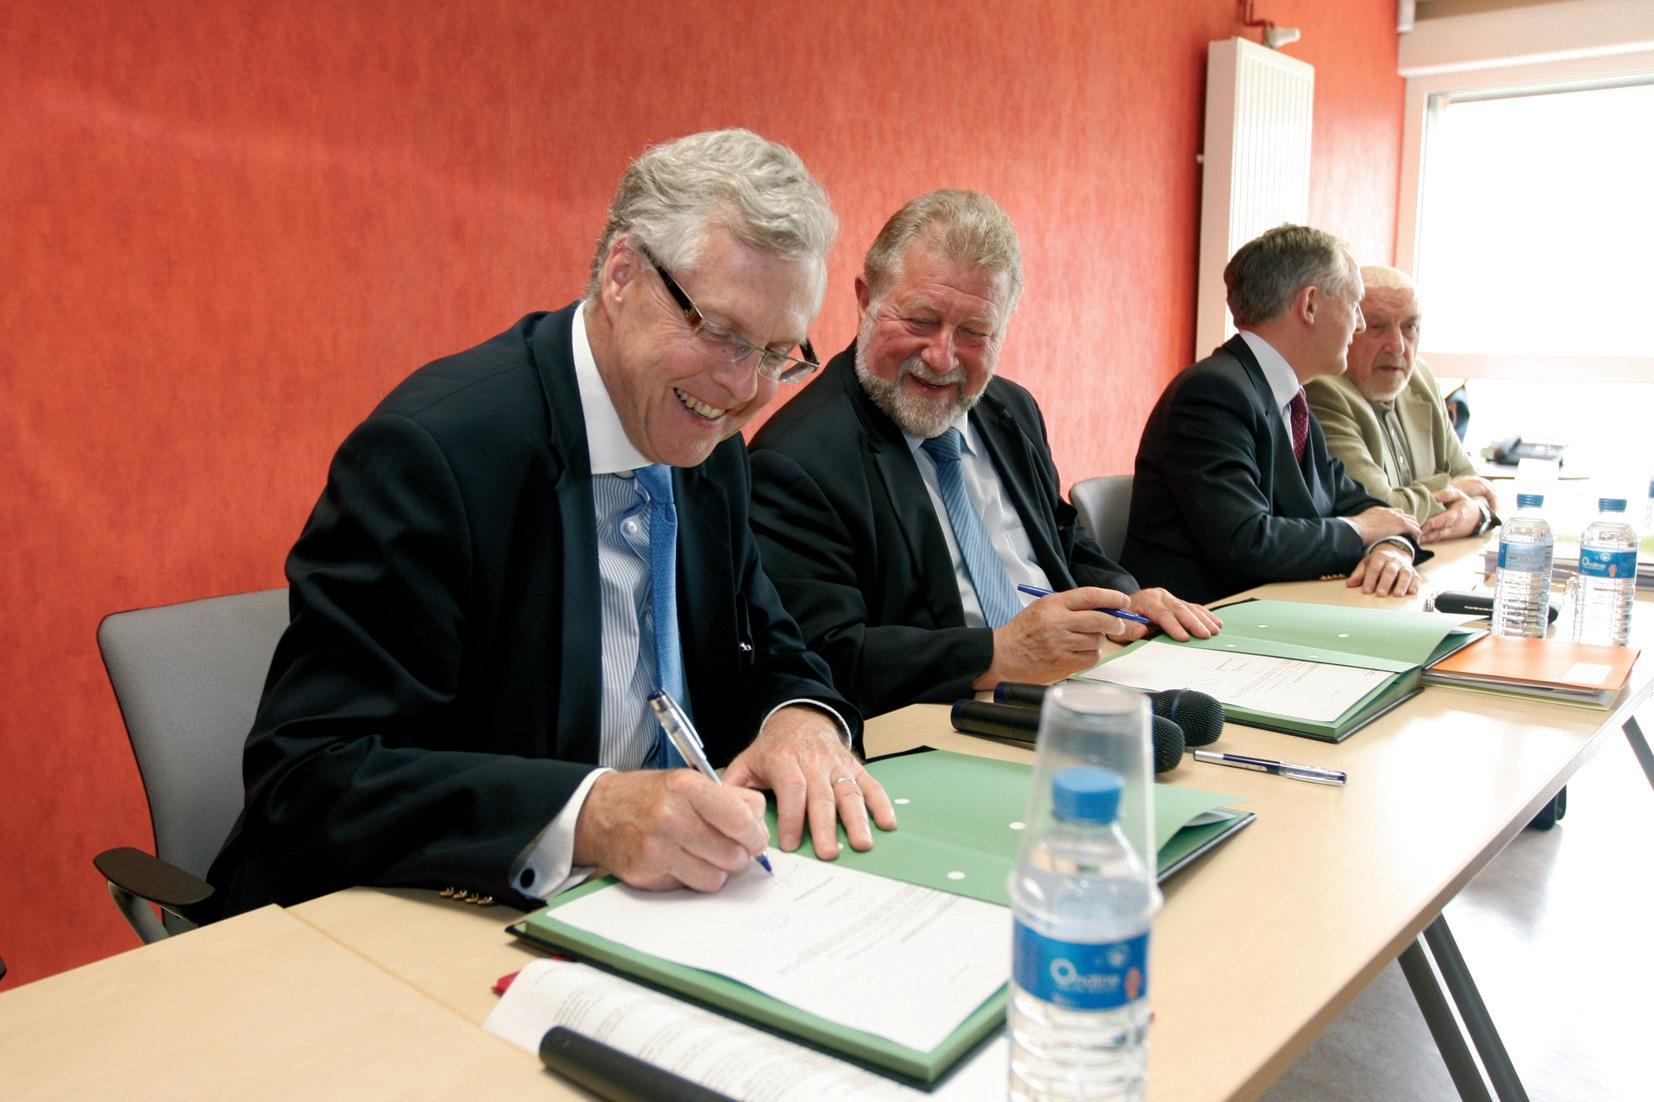 Michel Faroux (à gauche) et Jean-Pierre Kucheida ont signé le contrat de prêt qui permettra à l'Epinorpa de rembourser son emprunt obligataire.